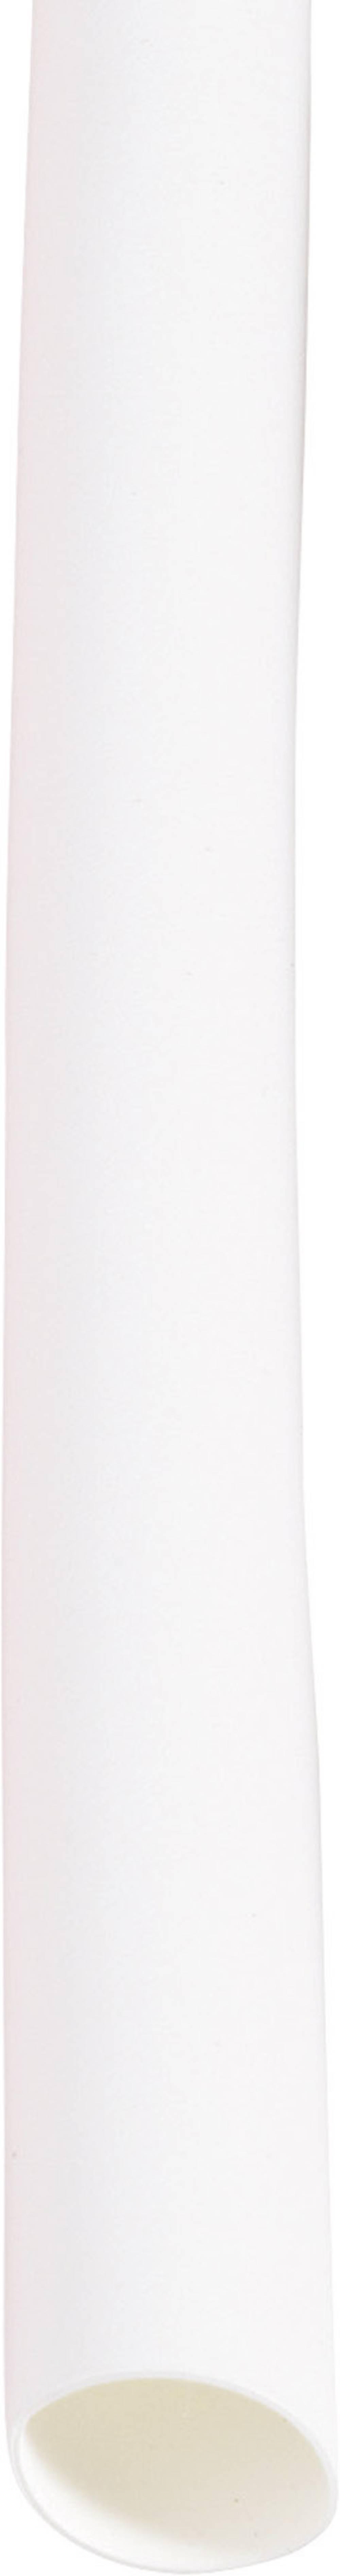 Tankostjenkasta skupljajuća cijev Deray-H prije/nakon skupljanja: 4.8 mm/2.4 mm, omjer skupljanja 2 : 1 bijela